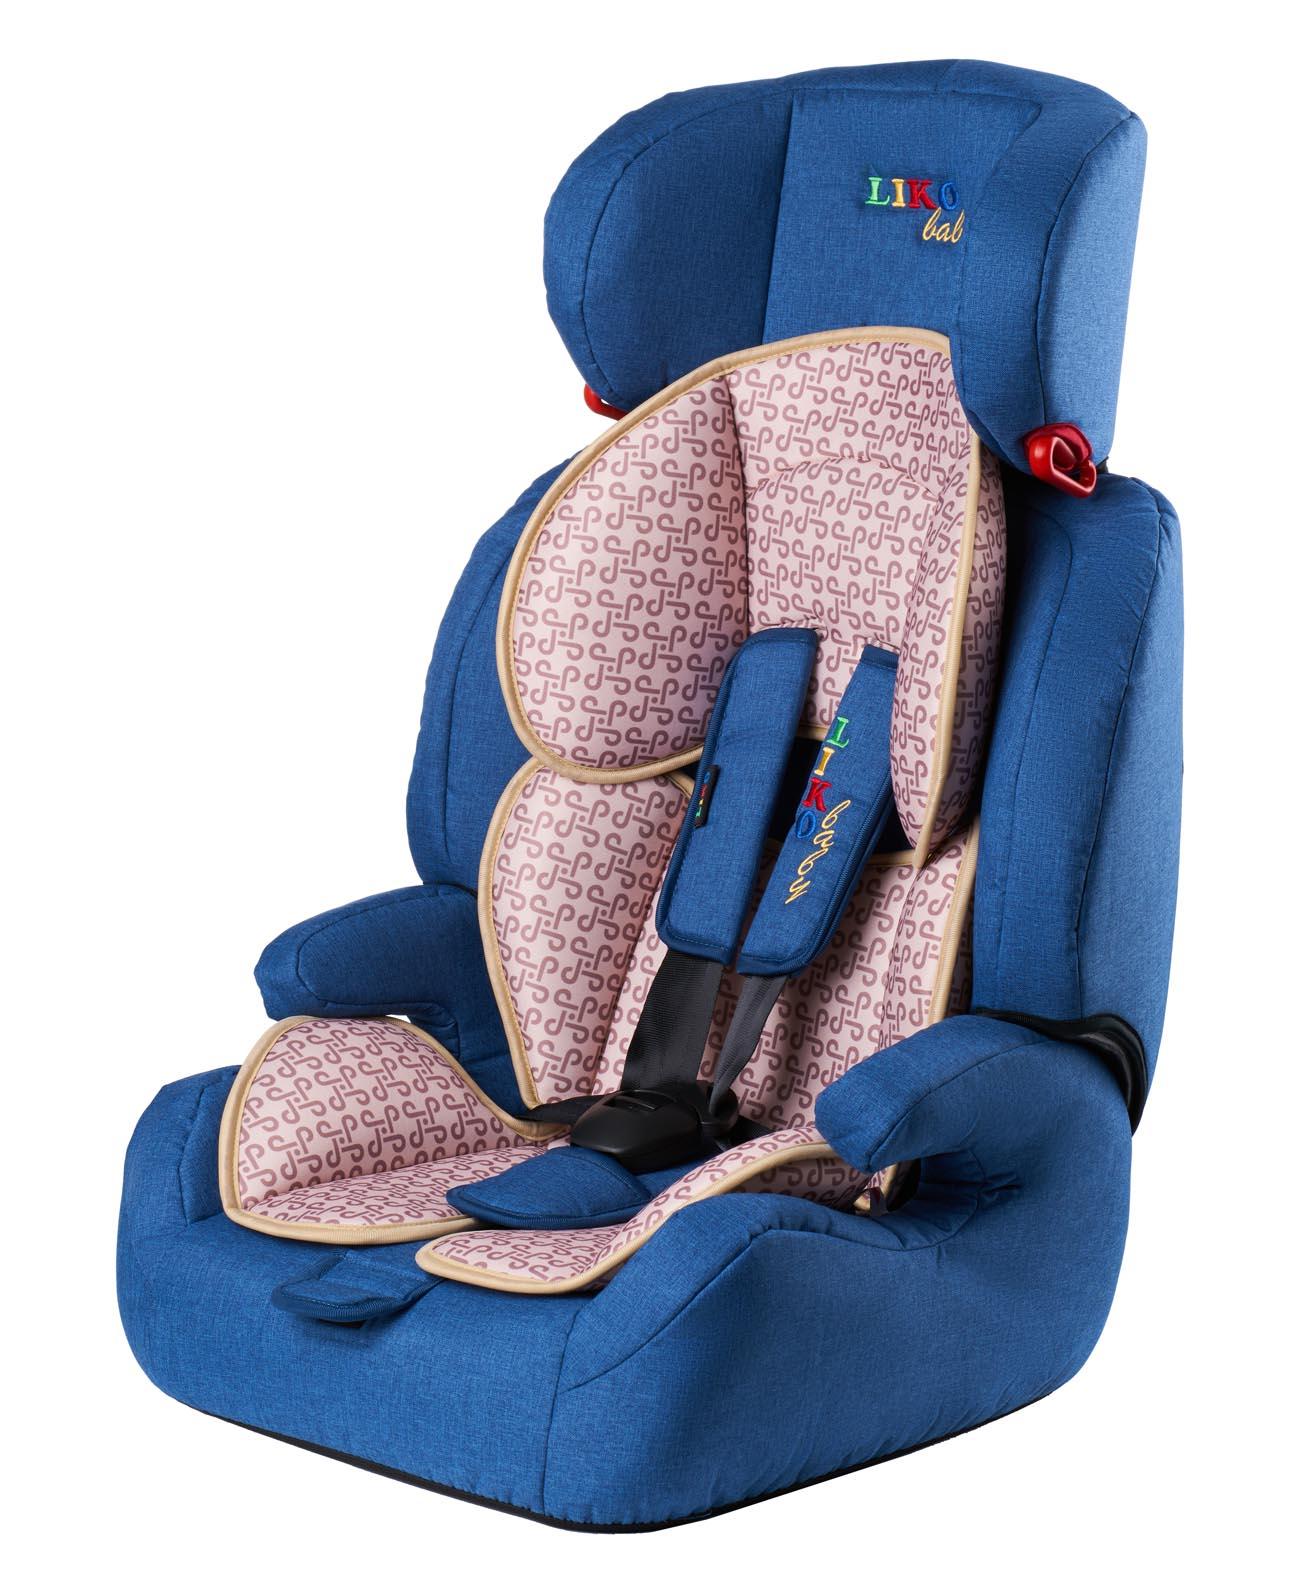 Купить Автокресло LIKO BABY LB 515 B Синий/Лен, Детские автокресла